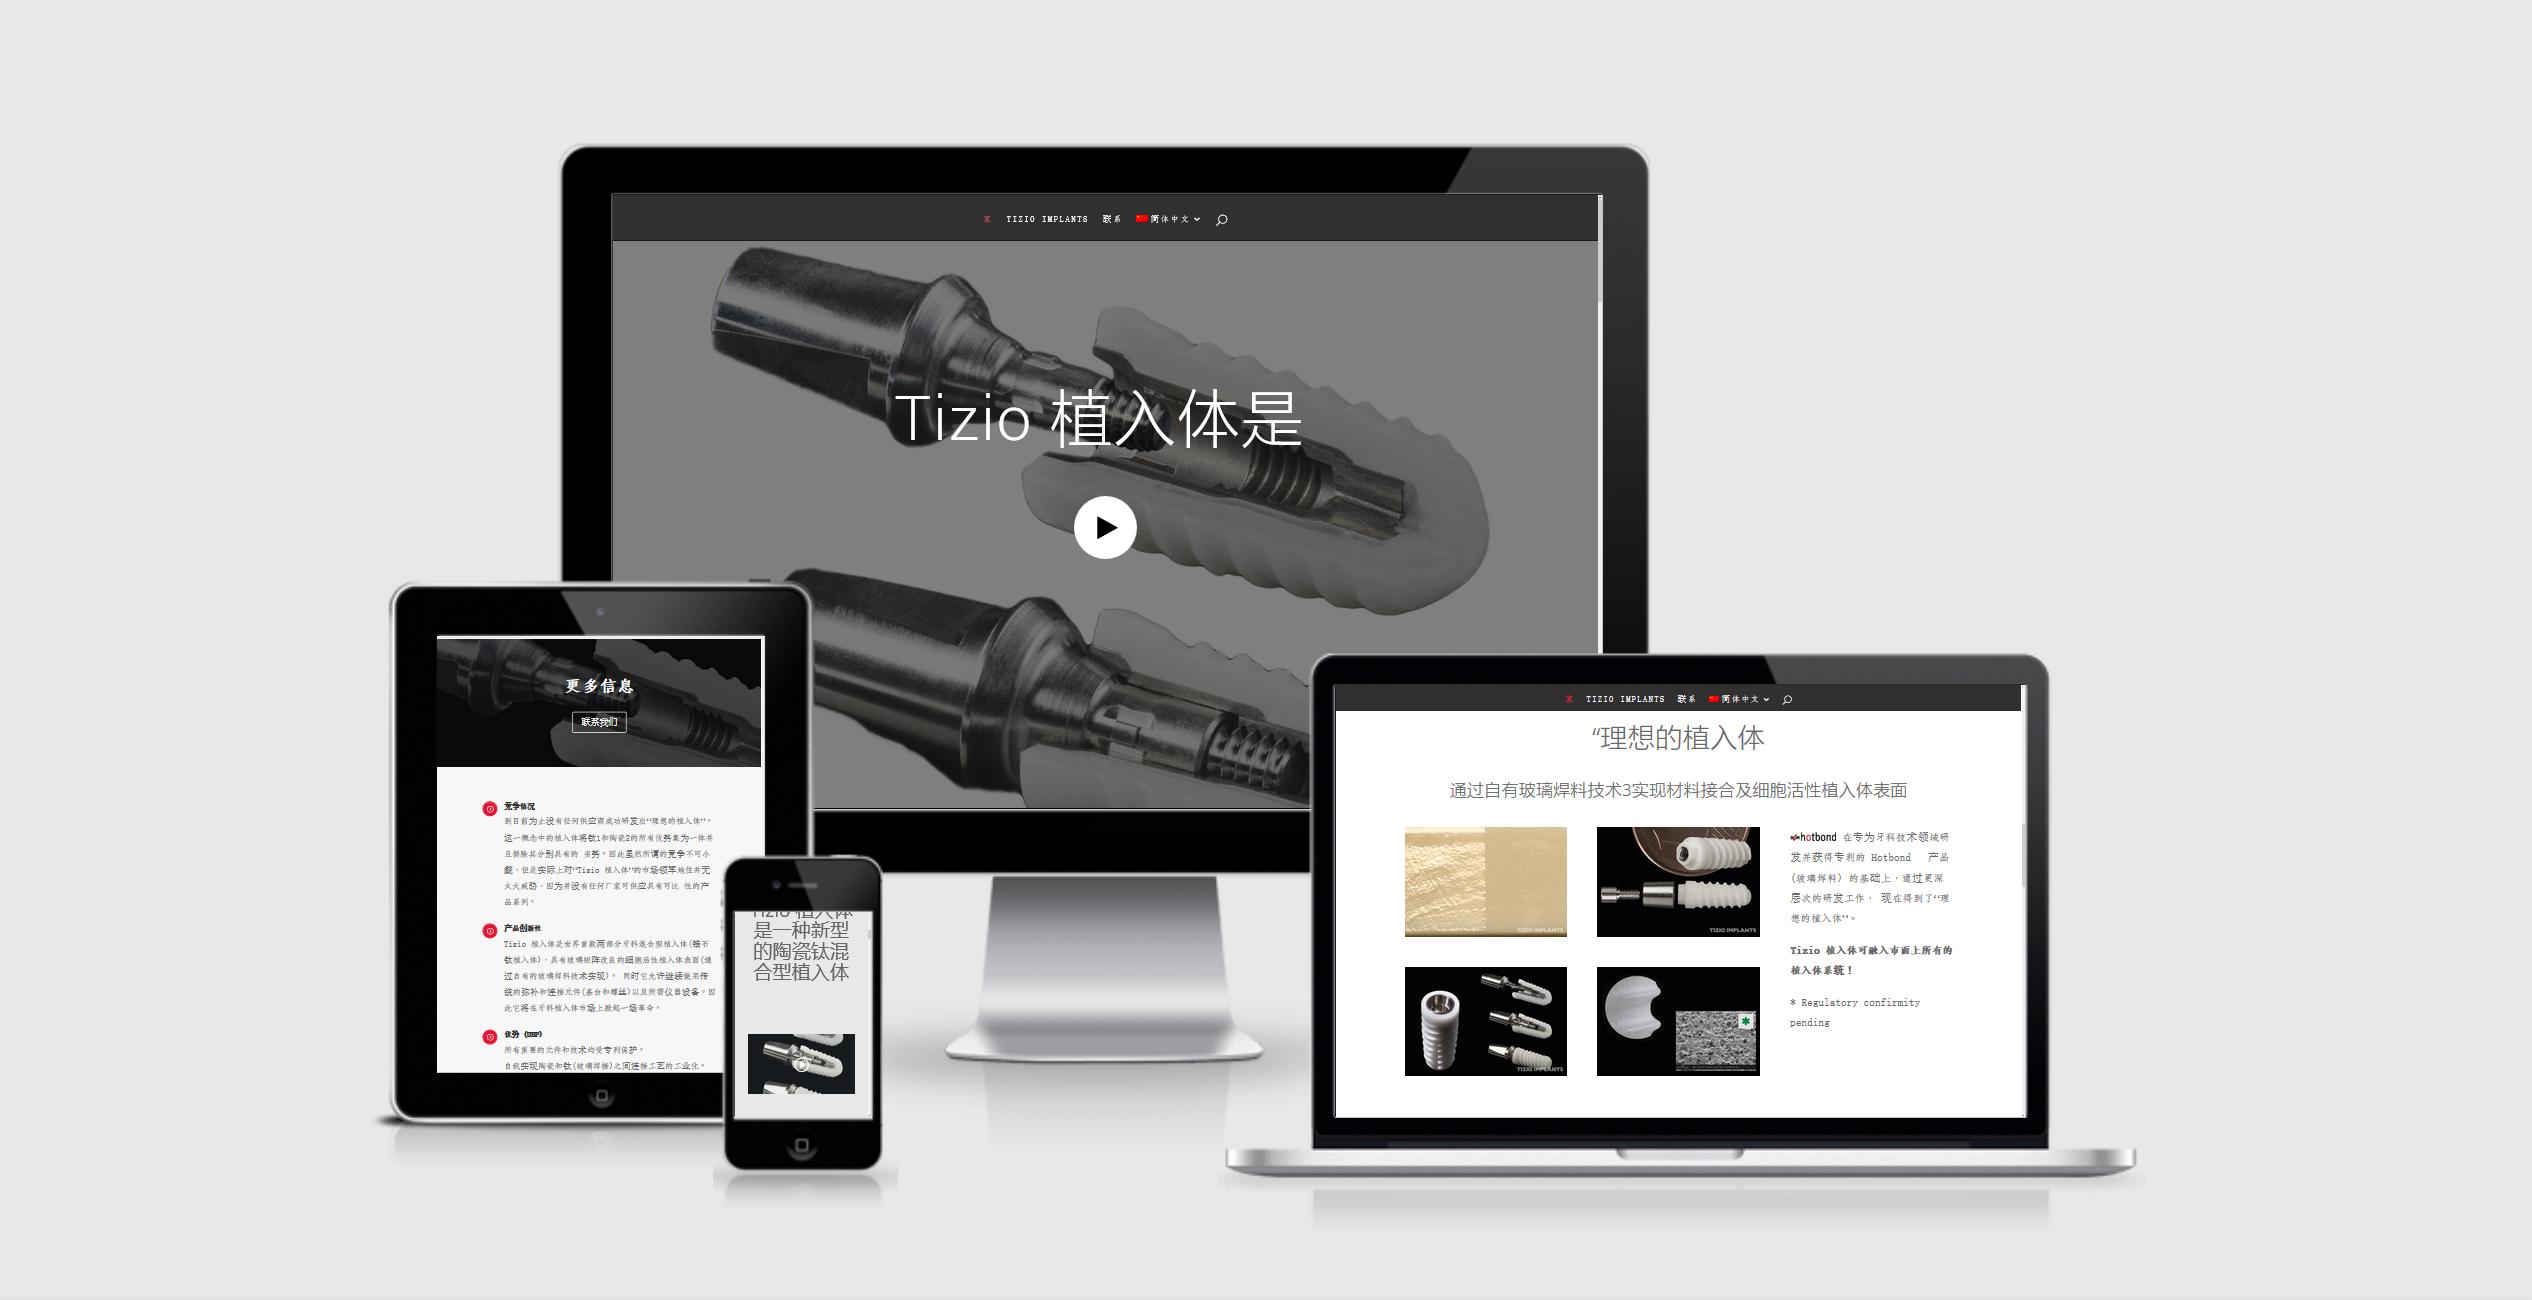 Website Chinesisch Rostock, Webdesign Chinesisch, Mehrsprachige website